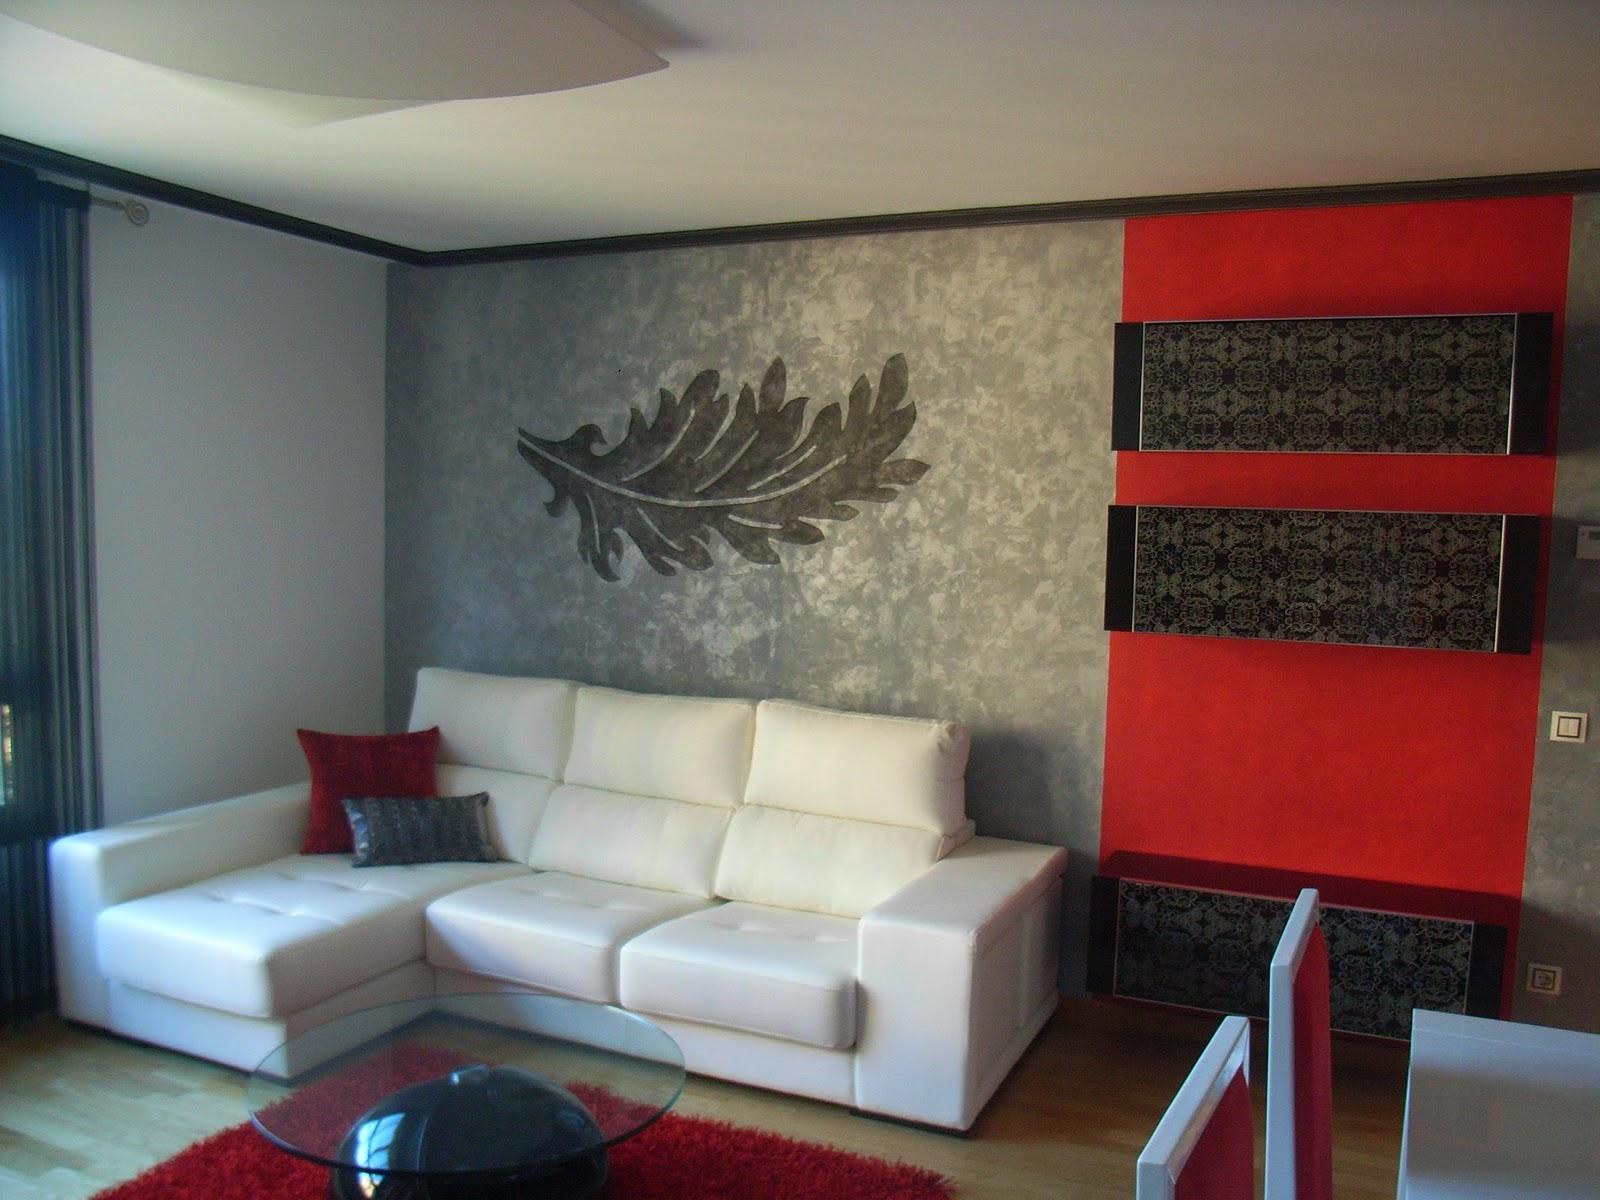 Mimoum blog sal n - Colores de pinturas para paredes de salon ...